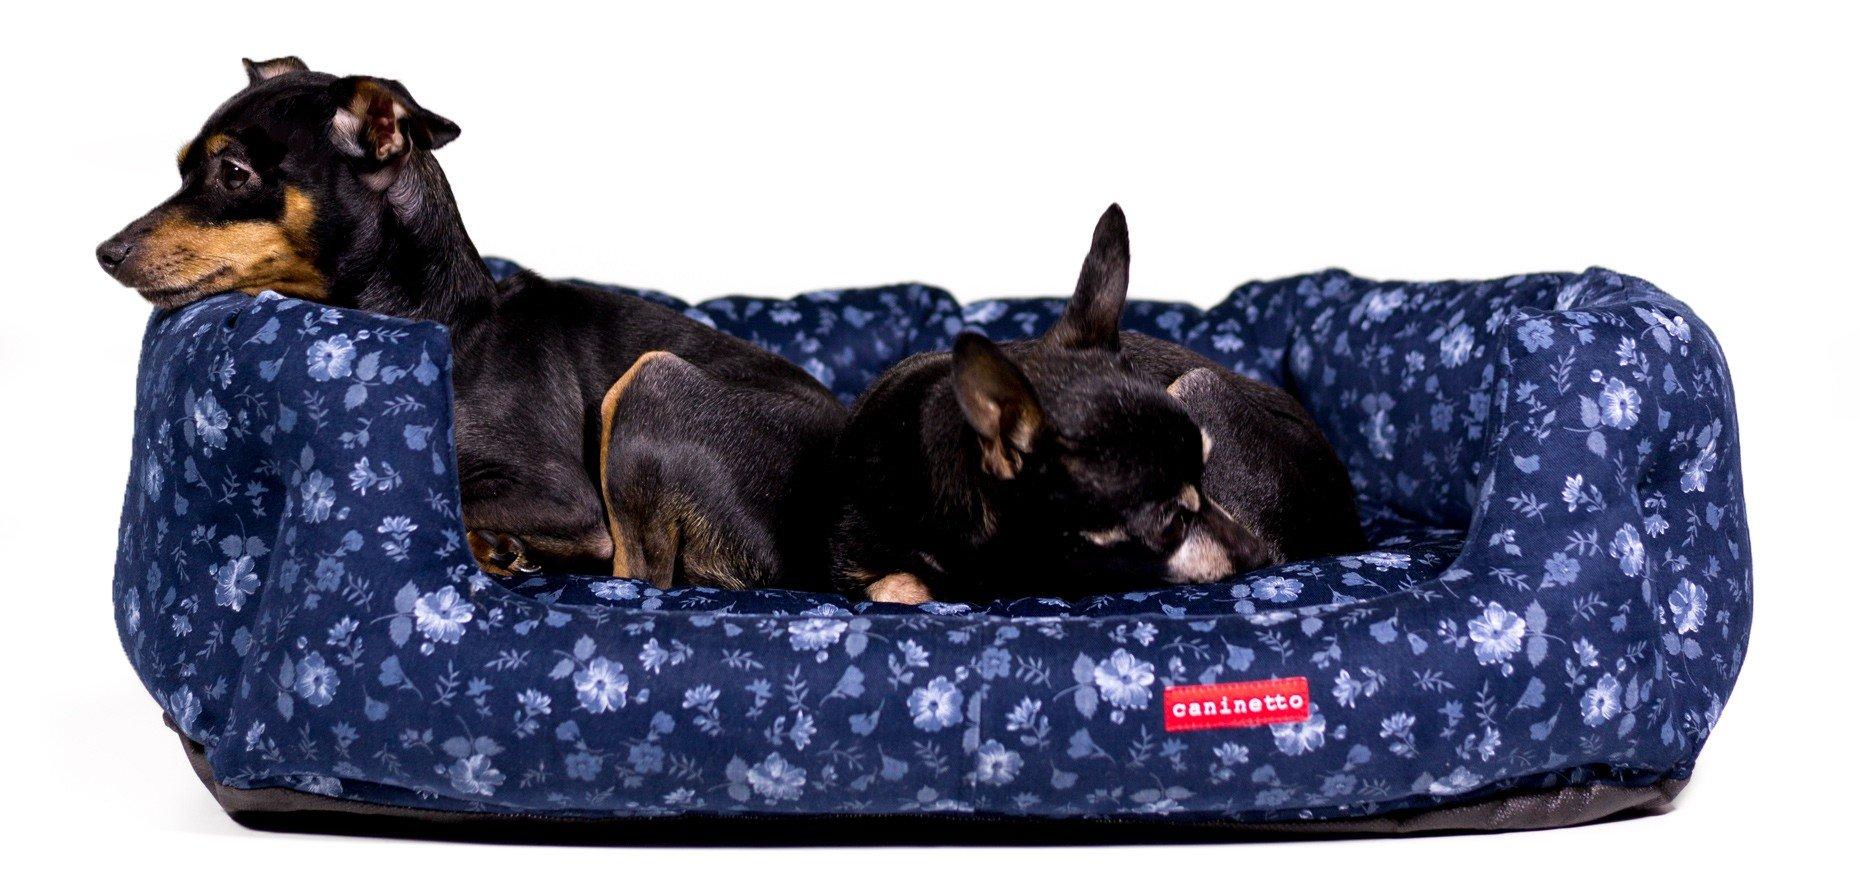 Camas para perro caninetto